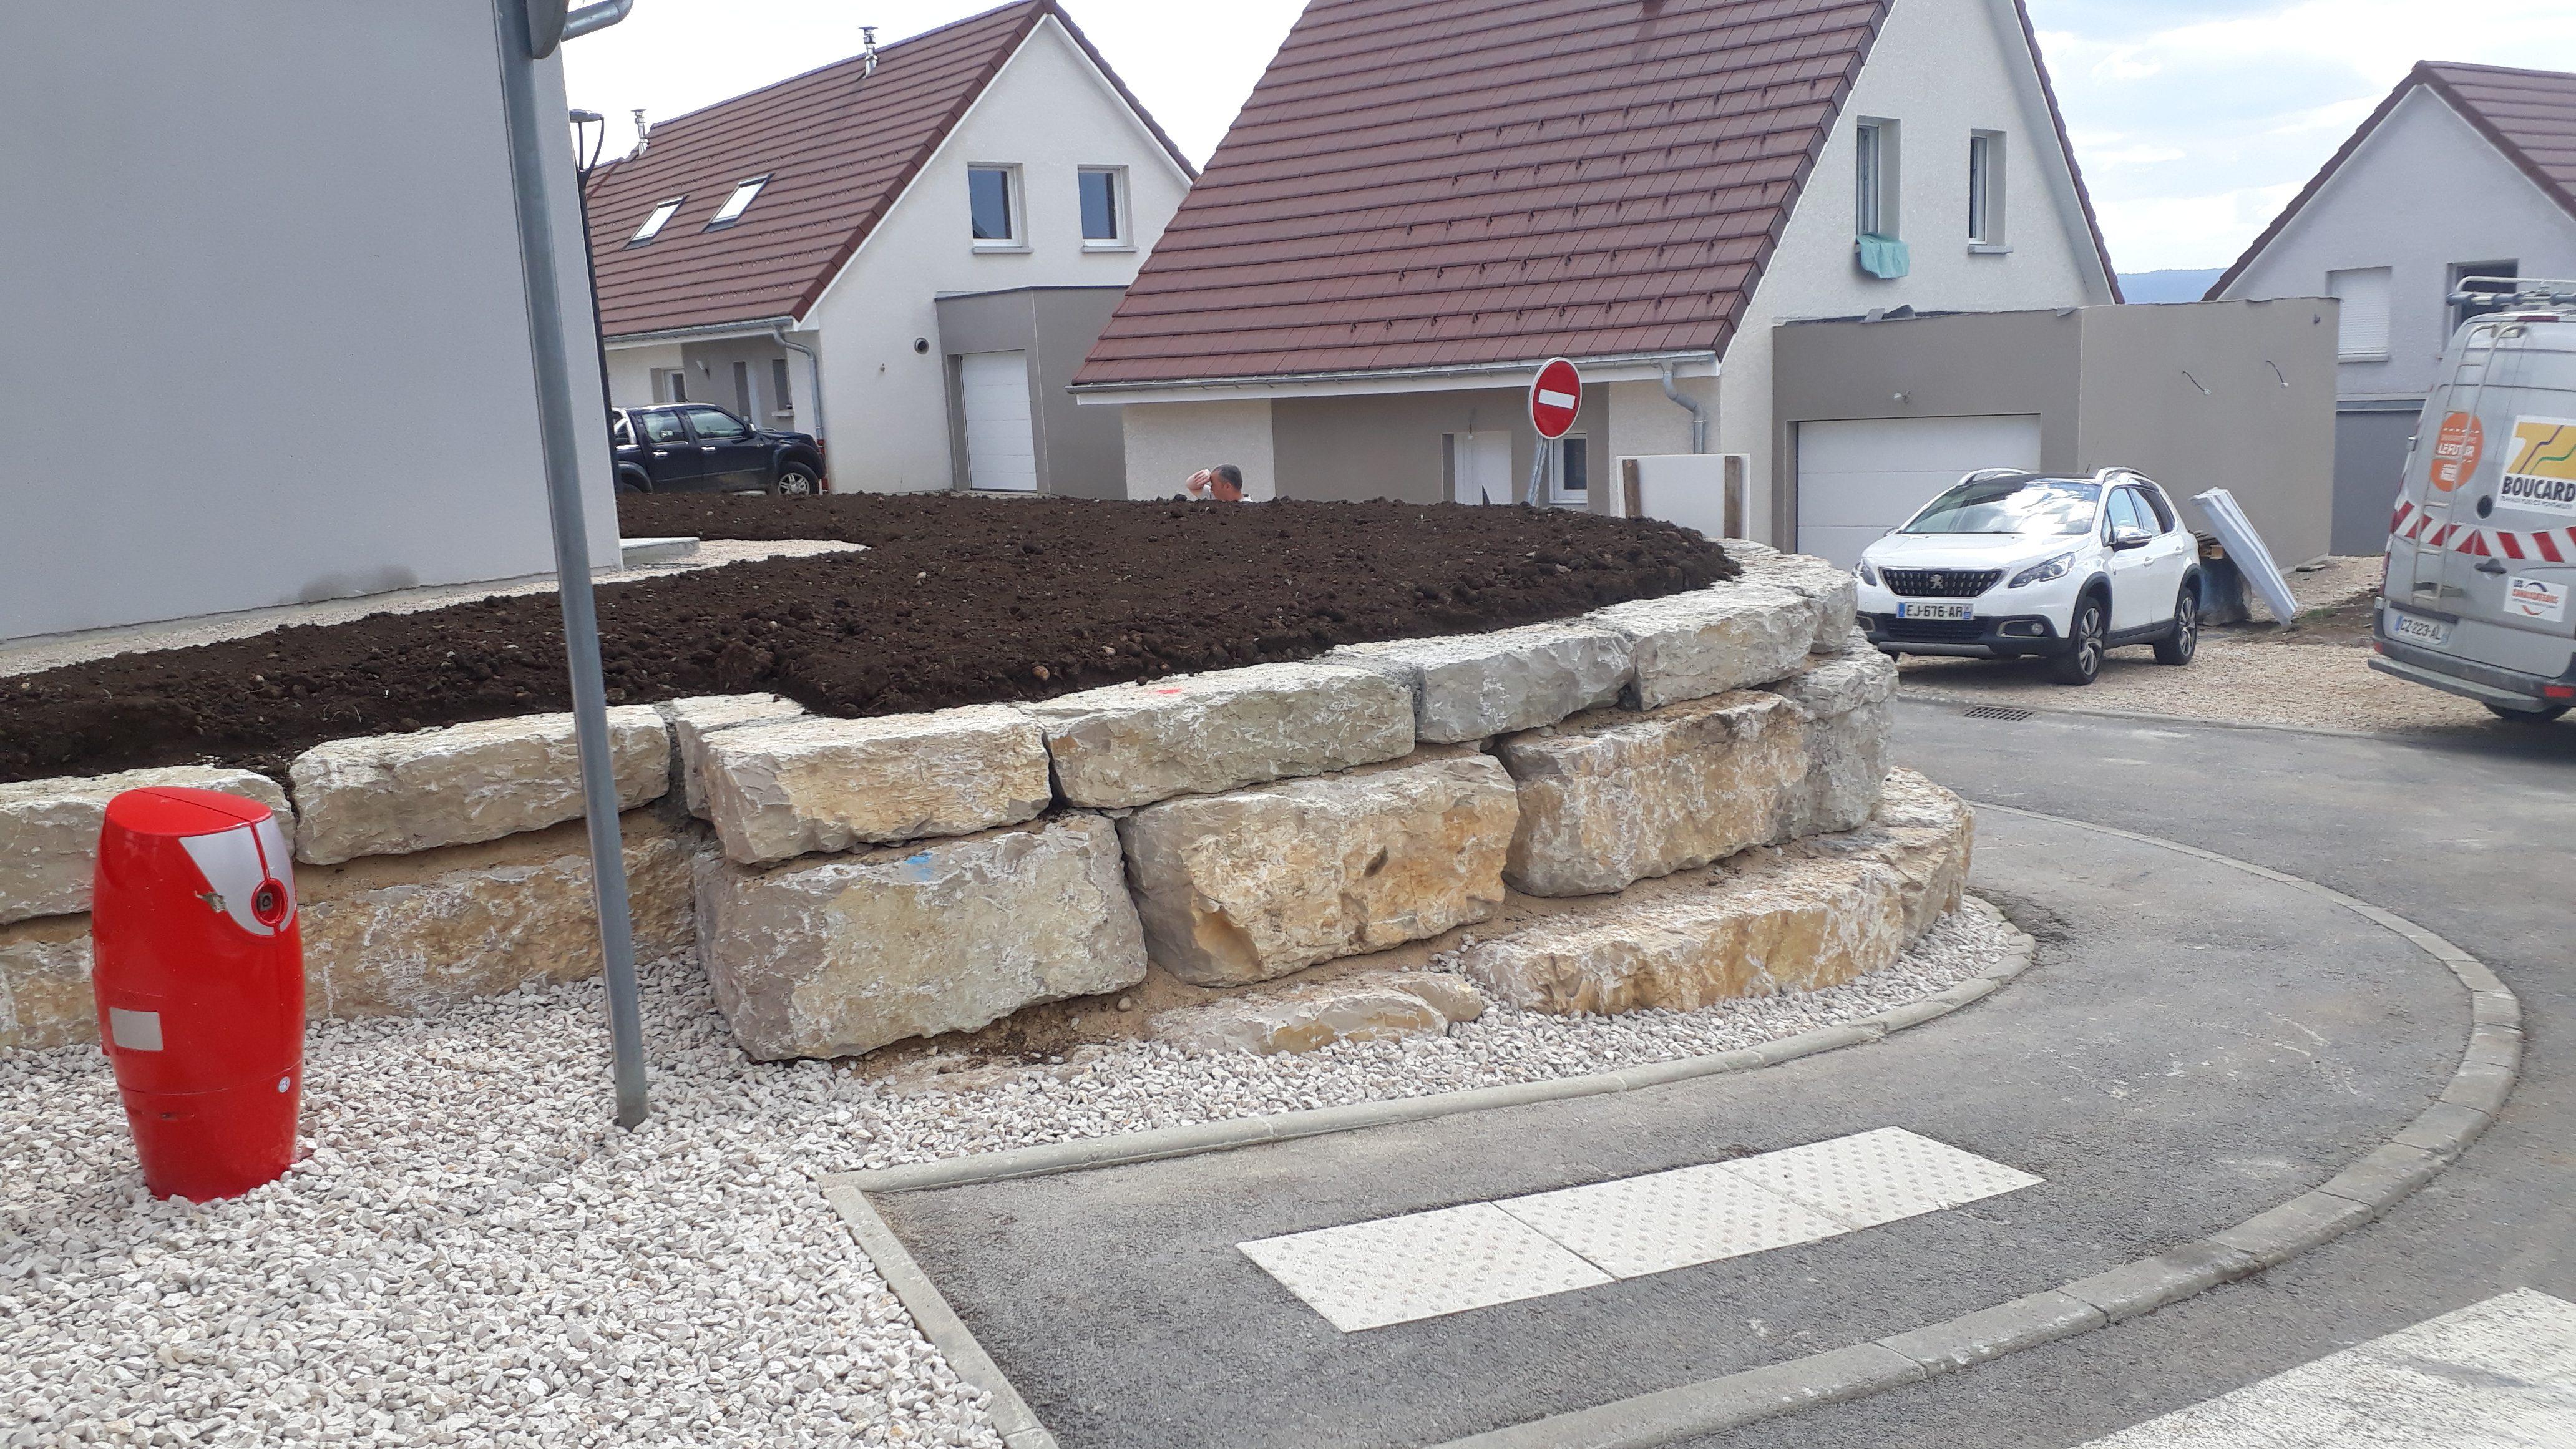 enrochement-mur-beton-terrasse-exterieur-maison-travaux-publics-TP-pontarlier-doubs-franche-comte-04